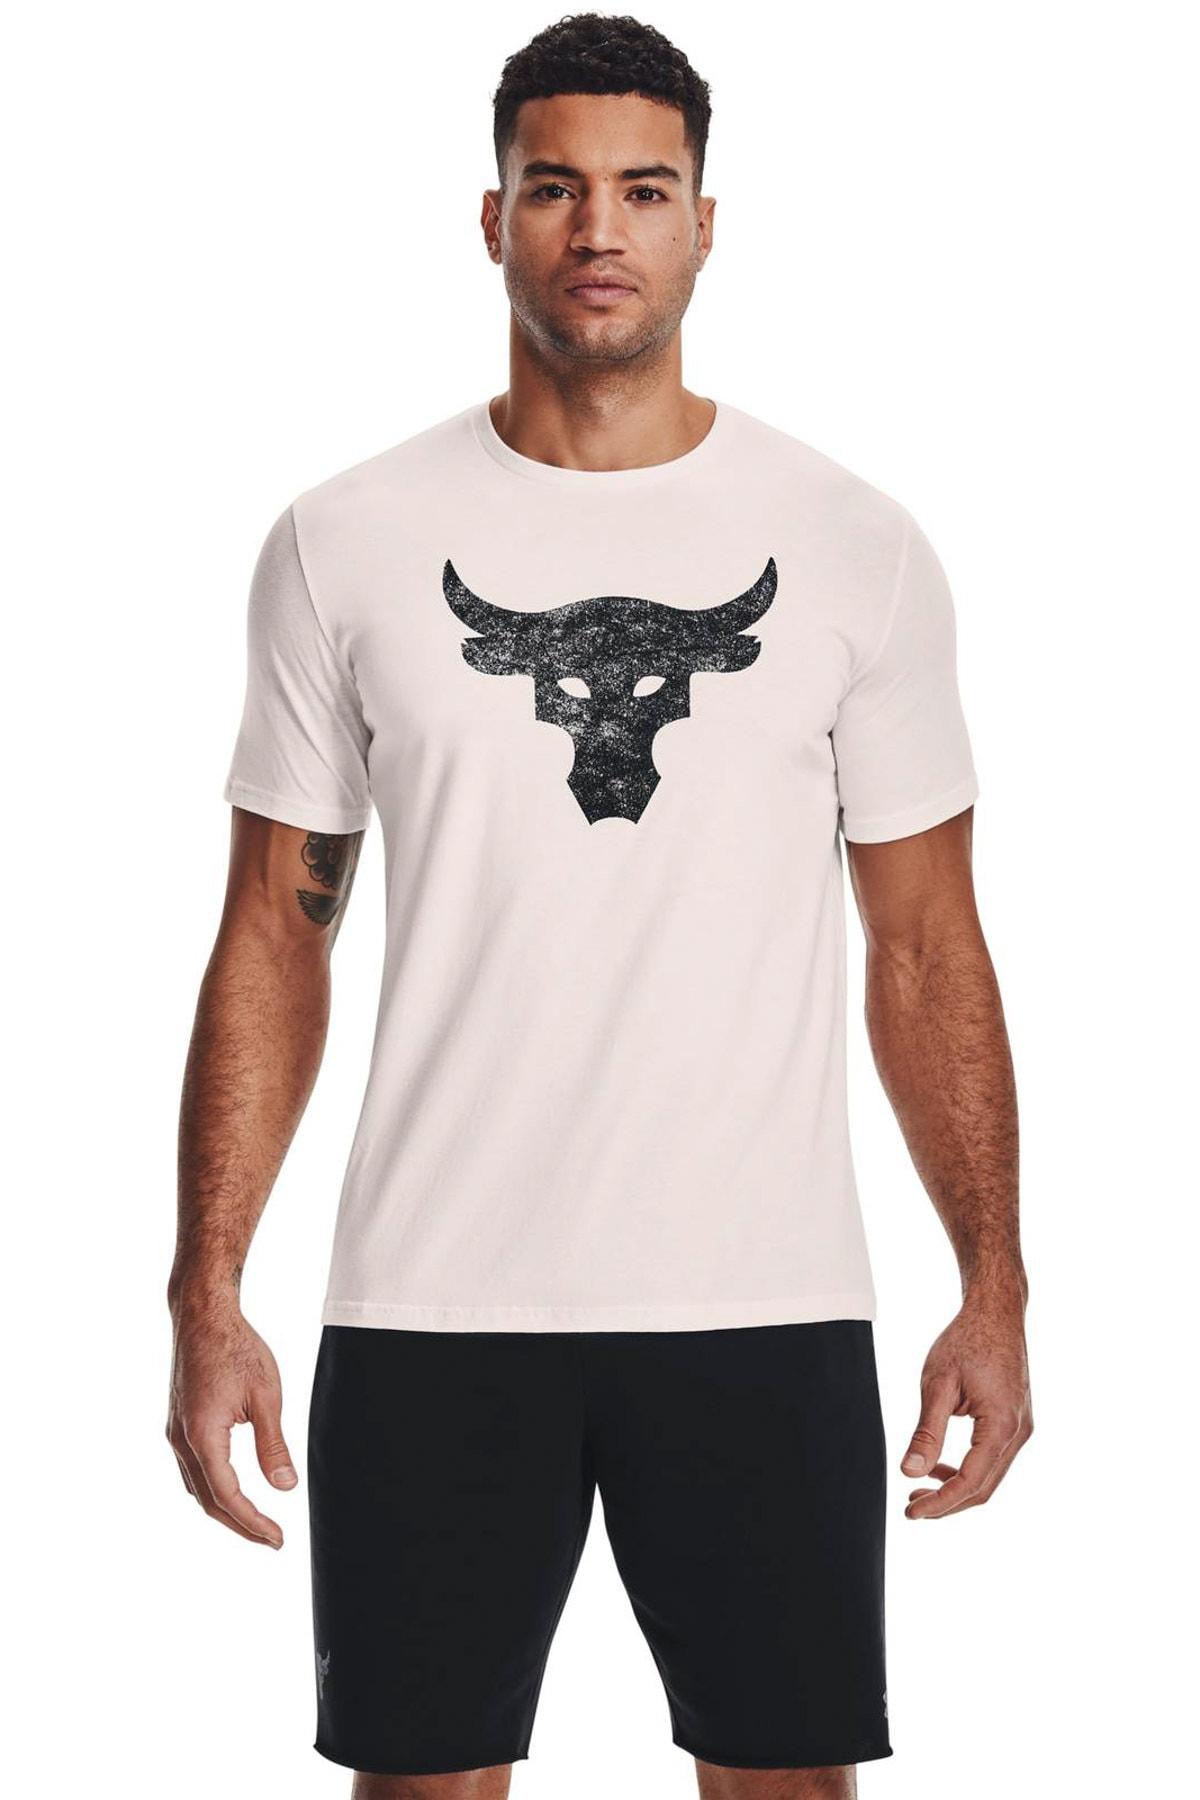 Under Armour Erkek Spor T-Shirt - UA Pjt Rock Brahma Bull SS - 1361733-112 1